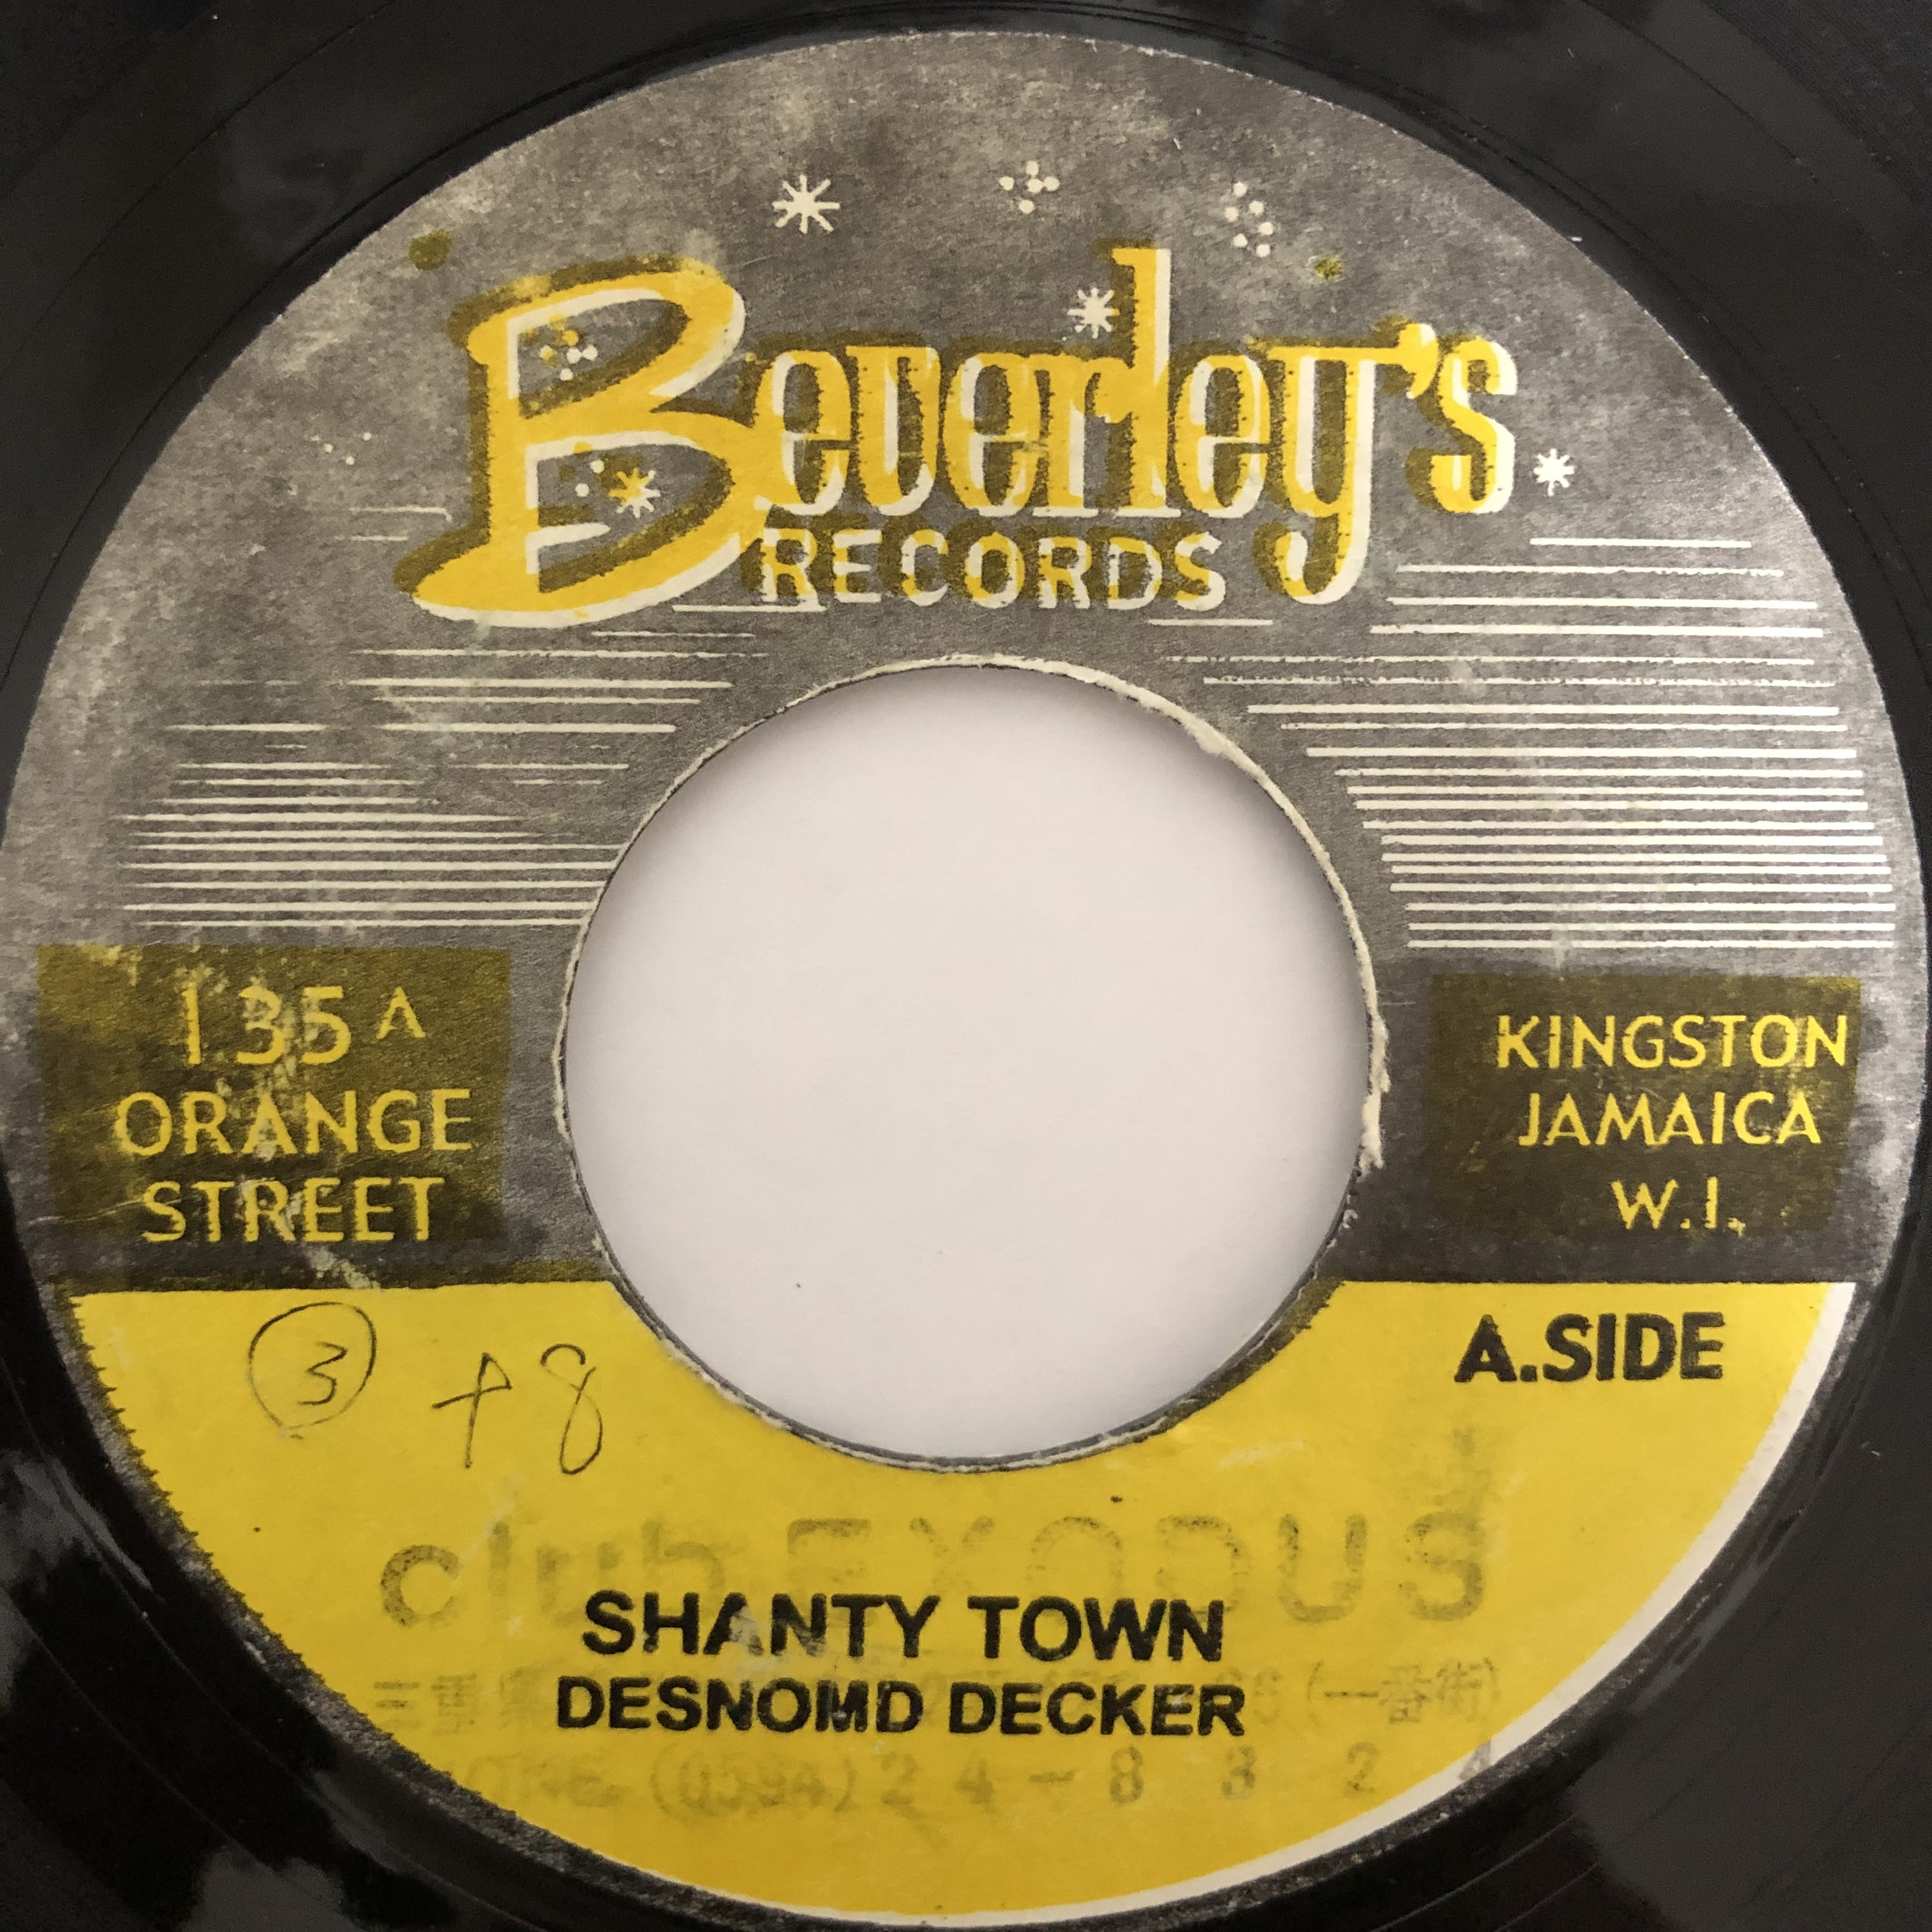 Desmond Dekker - Shanty Town【7-20417】